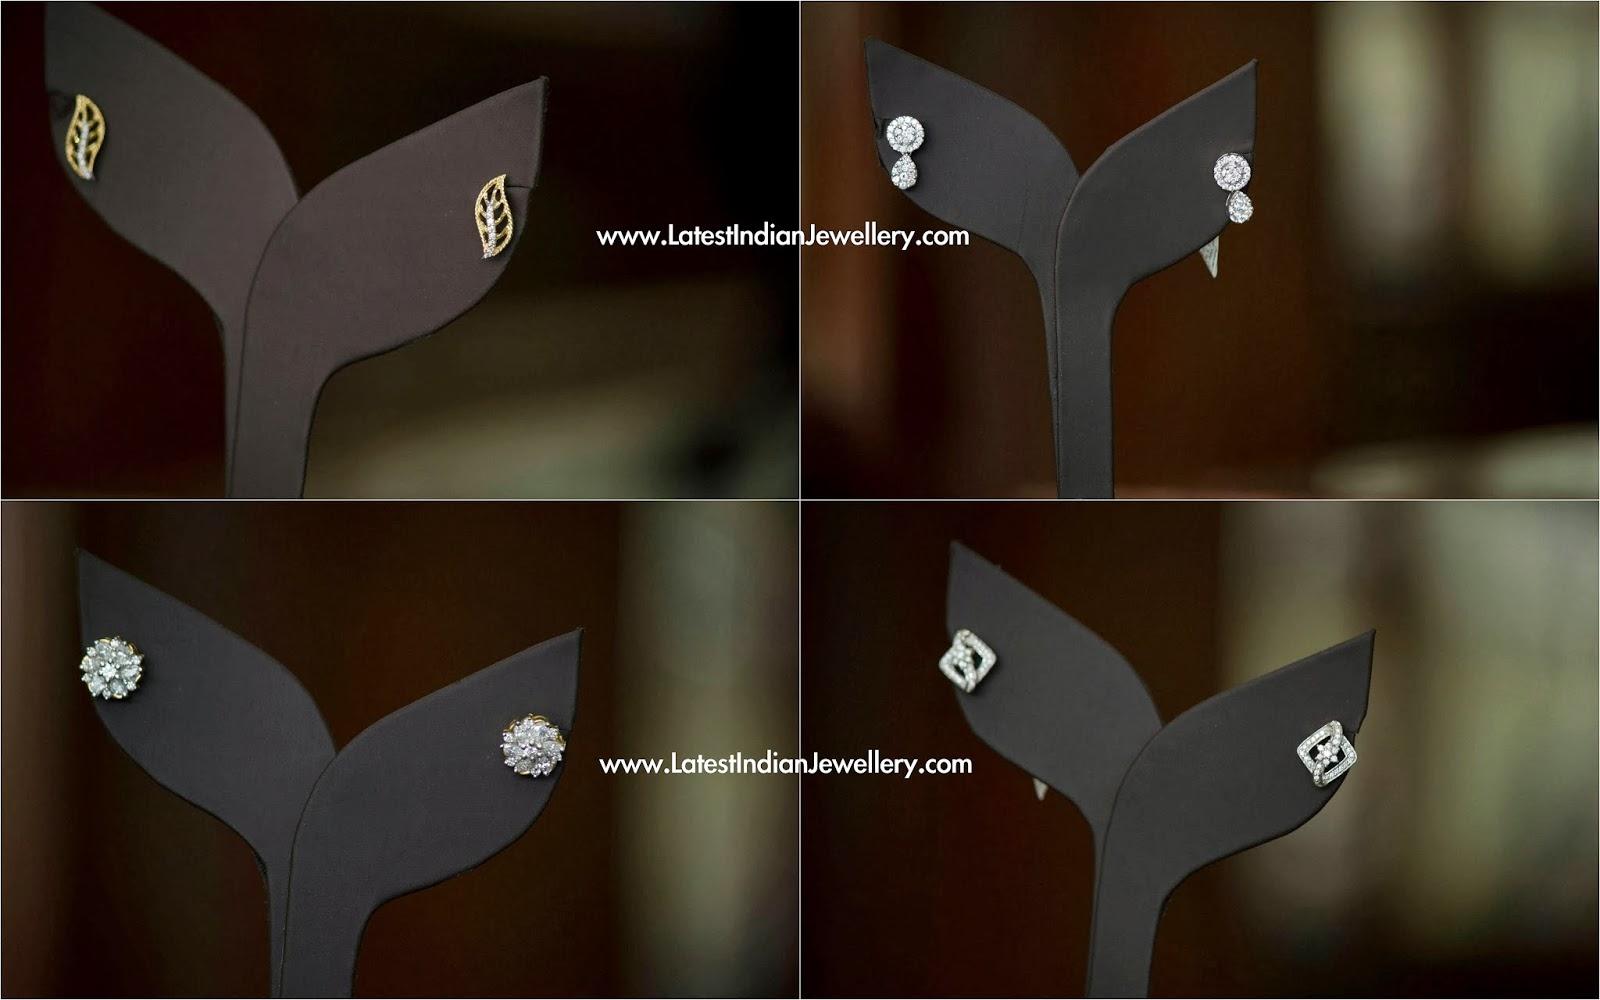 Daily Wear Diamond Earrings